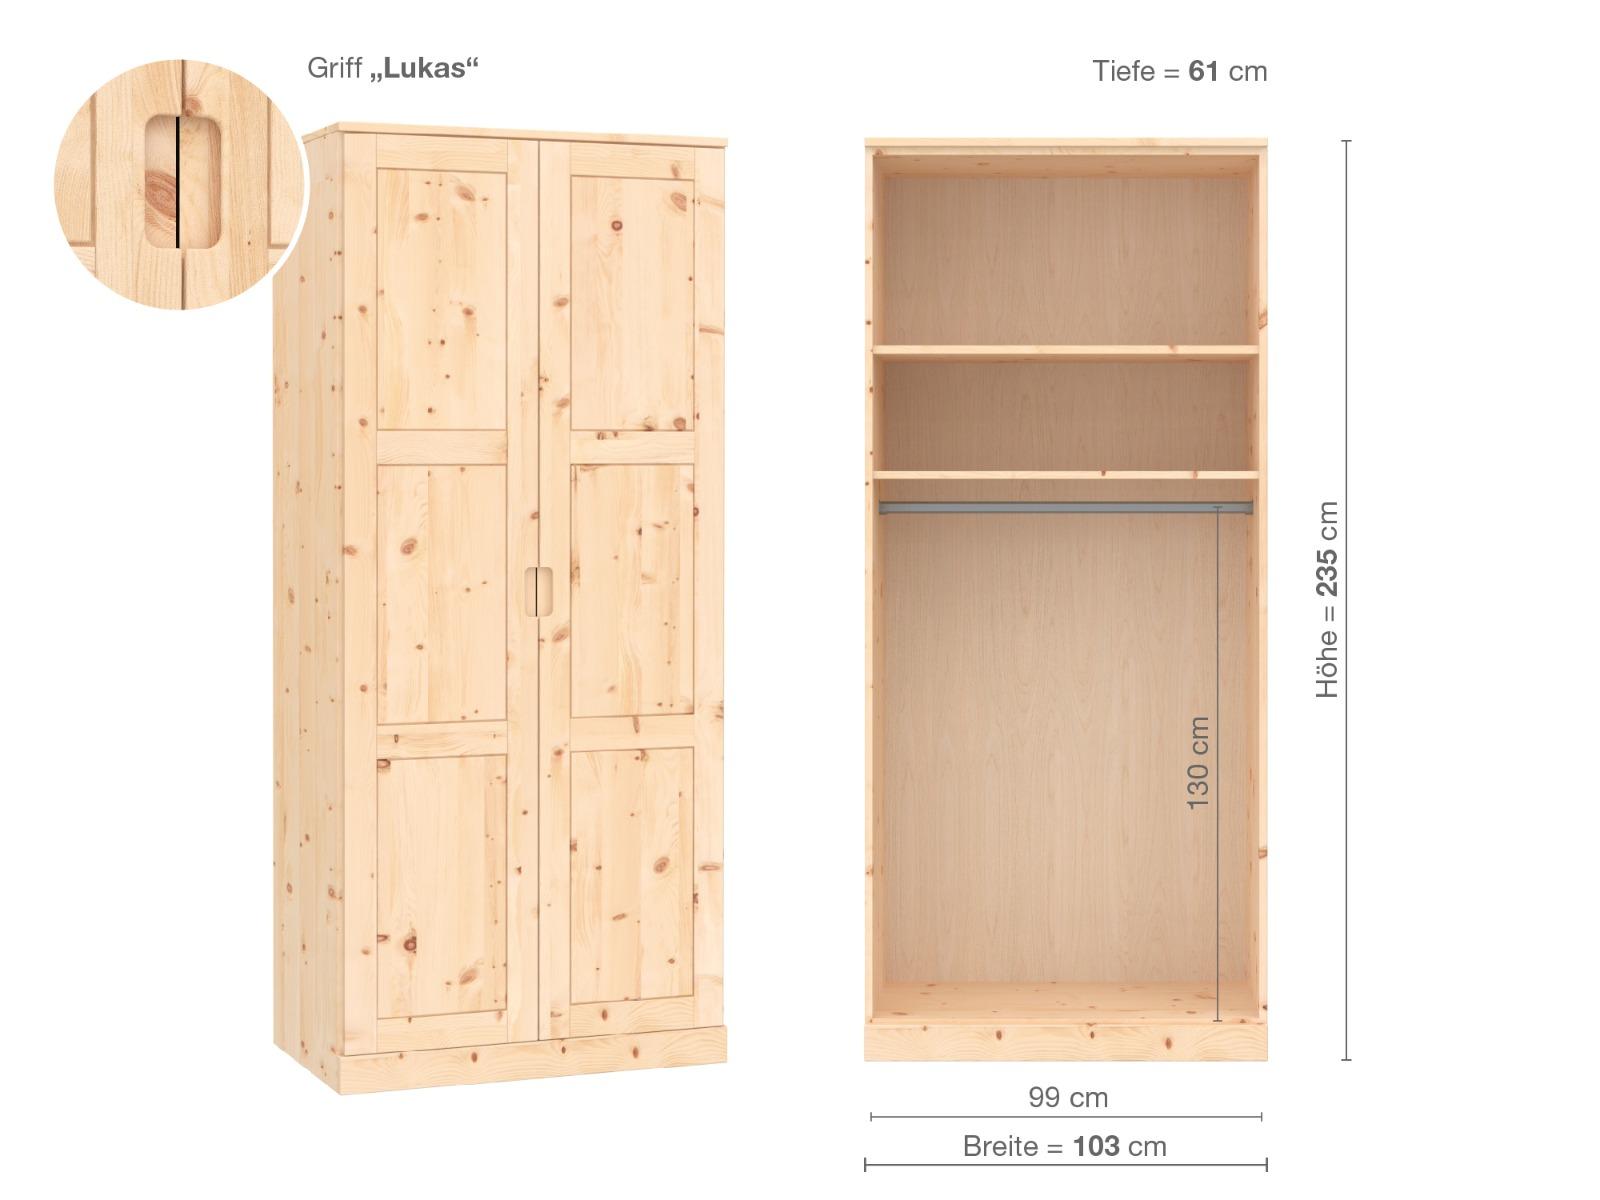 """Zirbenschrank """"Enzian"""", 2-türig, Höhe 235 cm, Griffausführung """"Lukas"""", Inneneinrichtung A"""